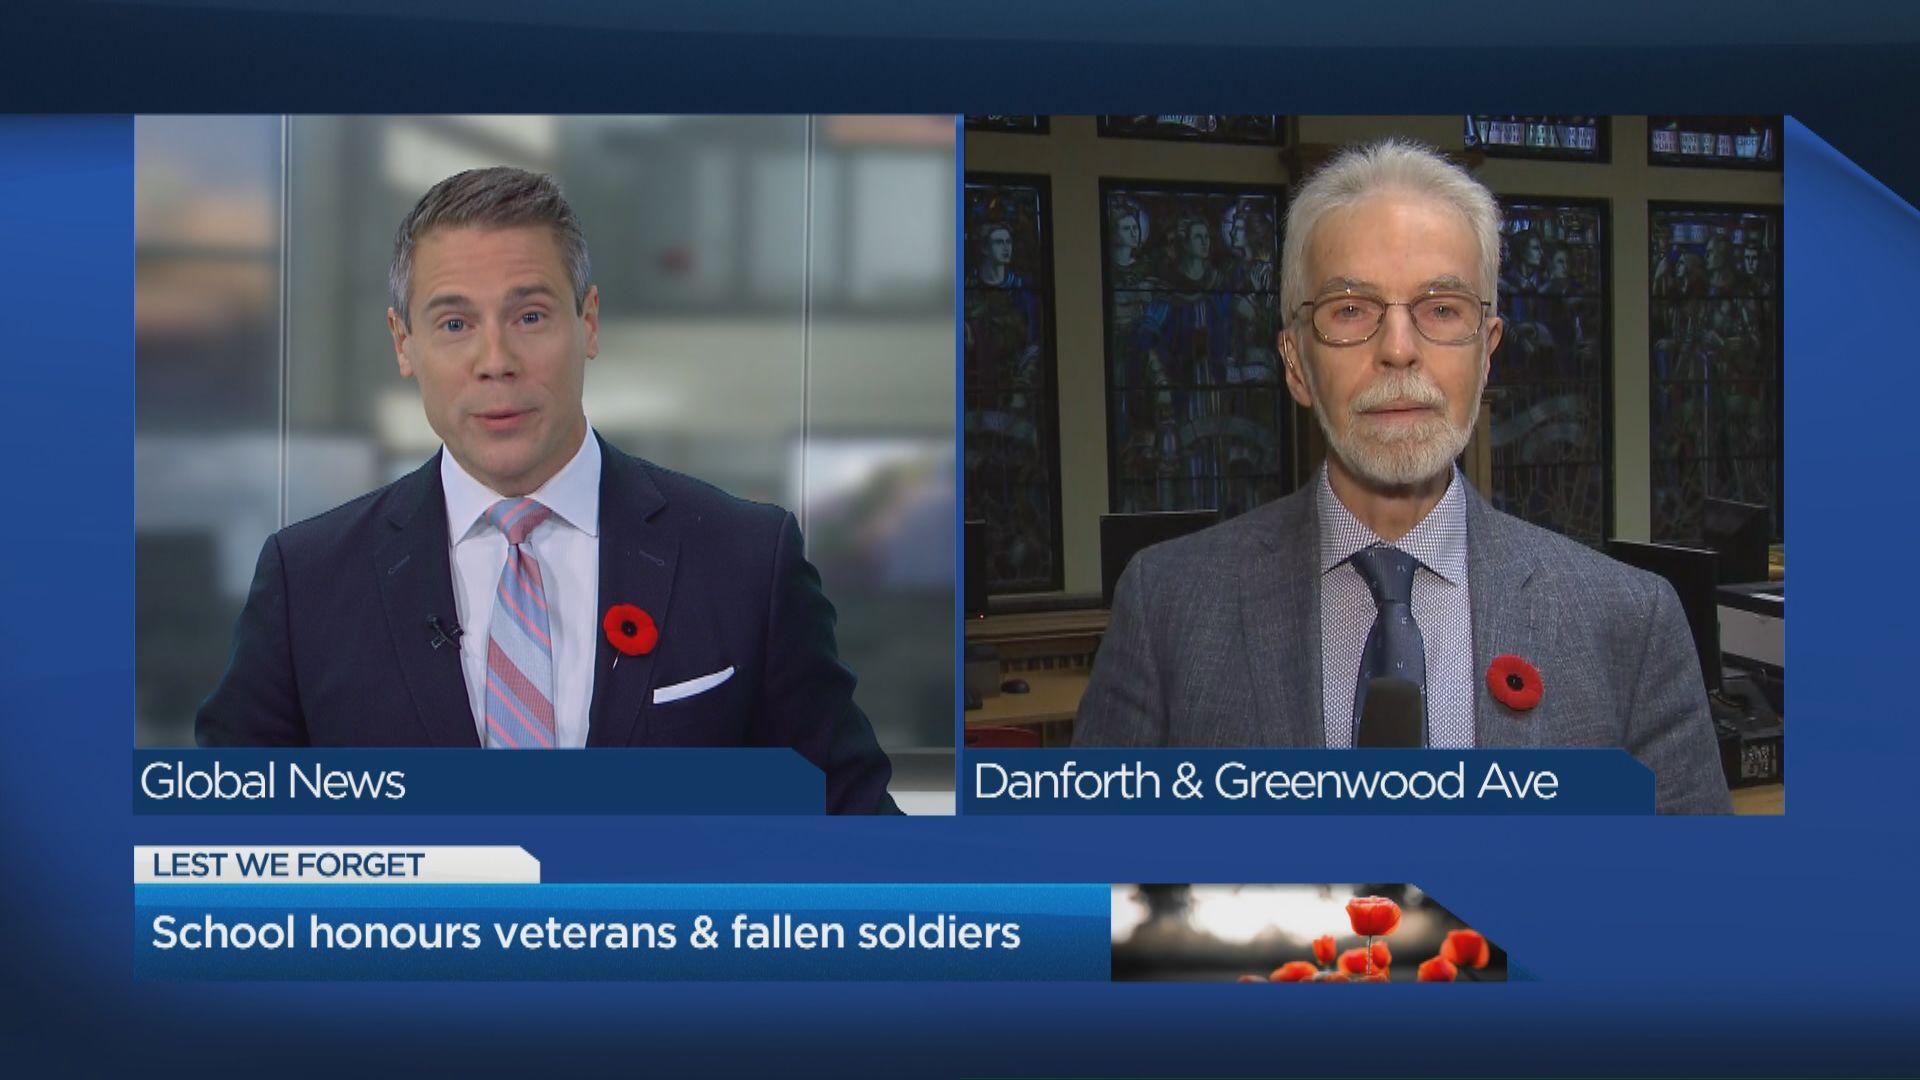 School honours veterans and fallen soldiers